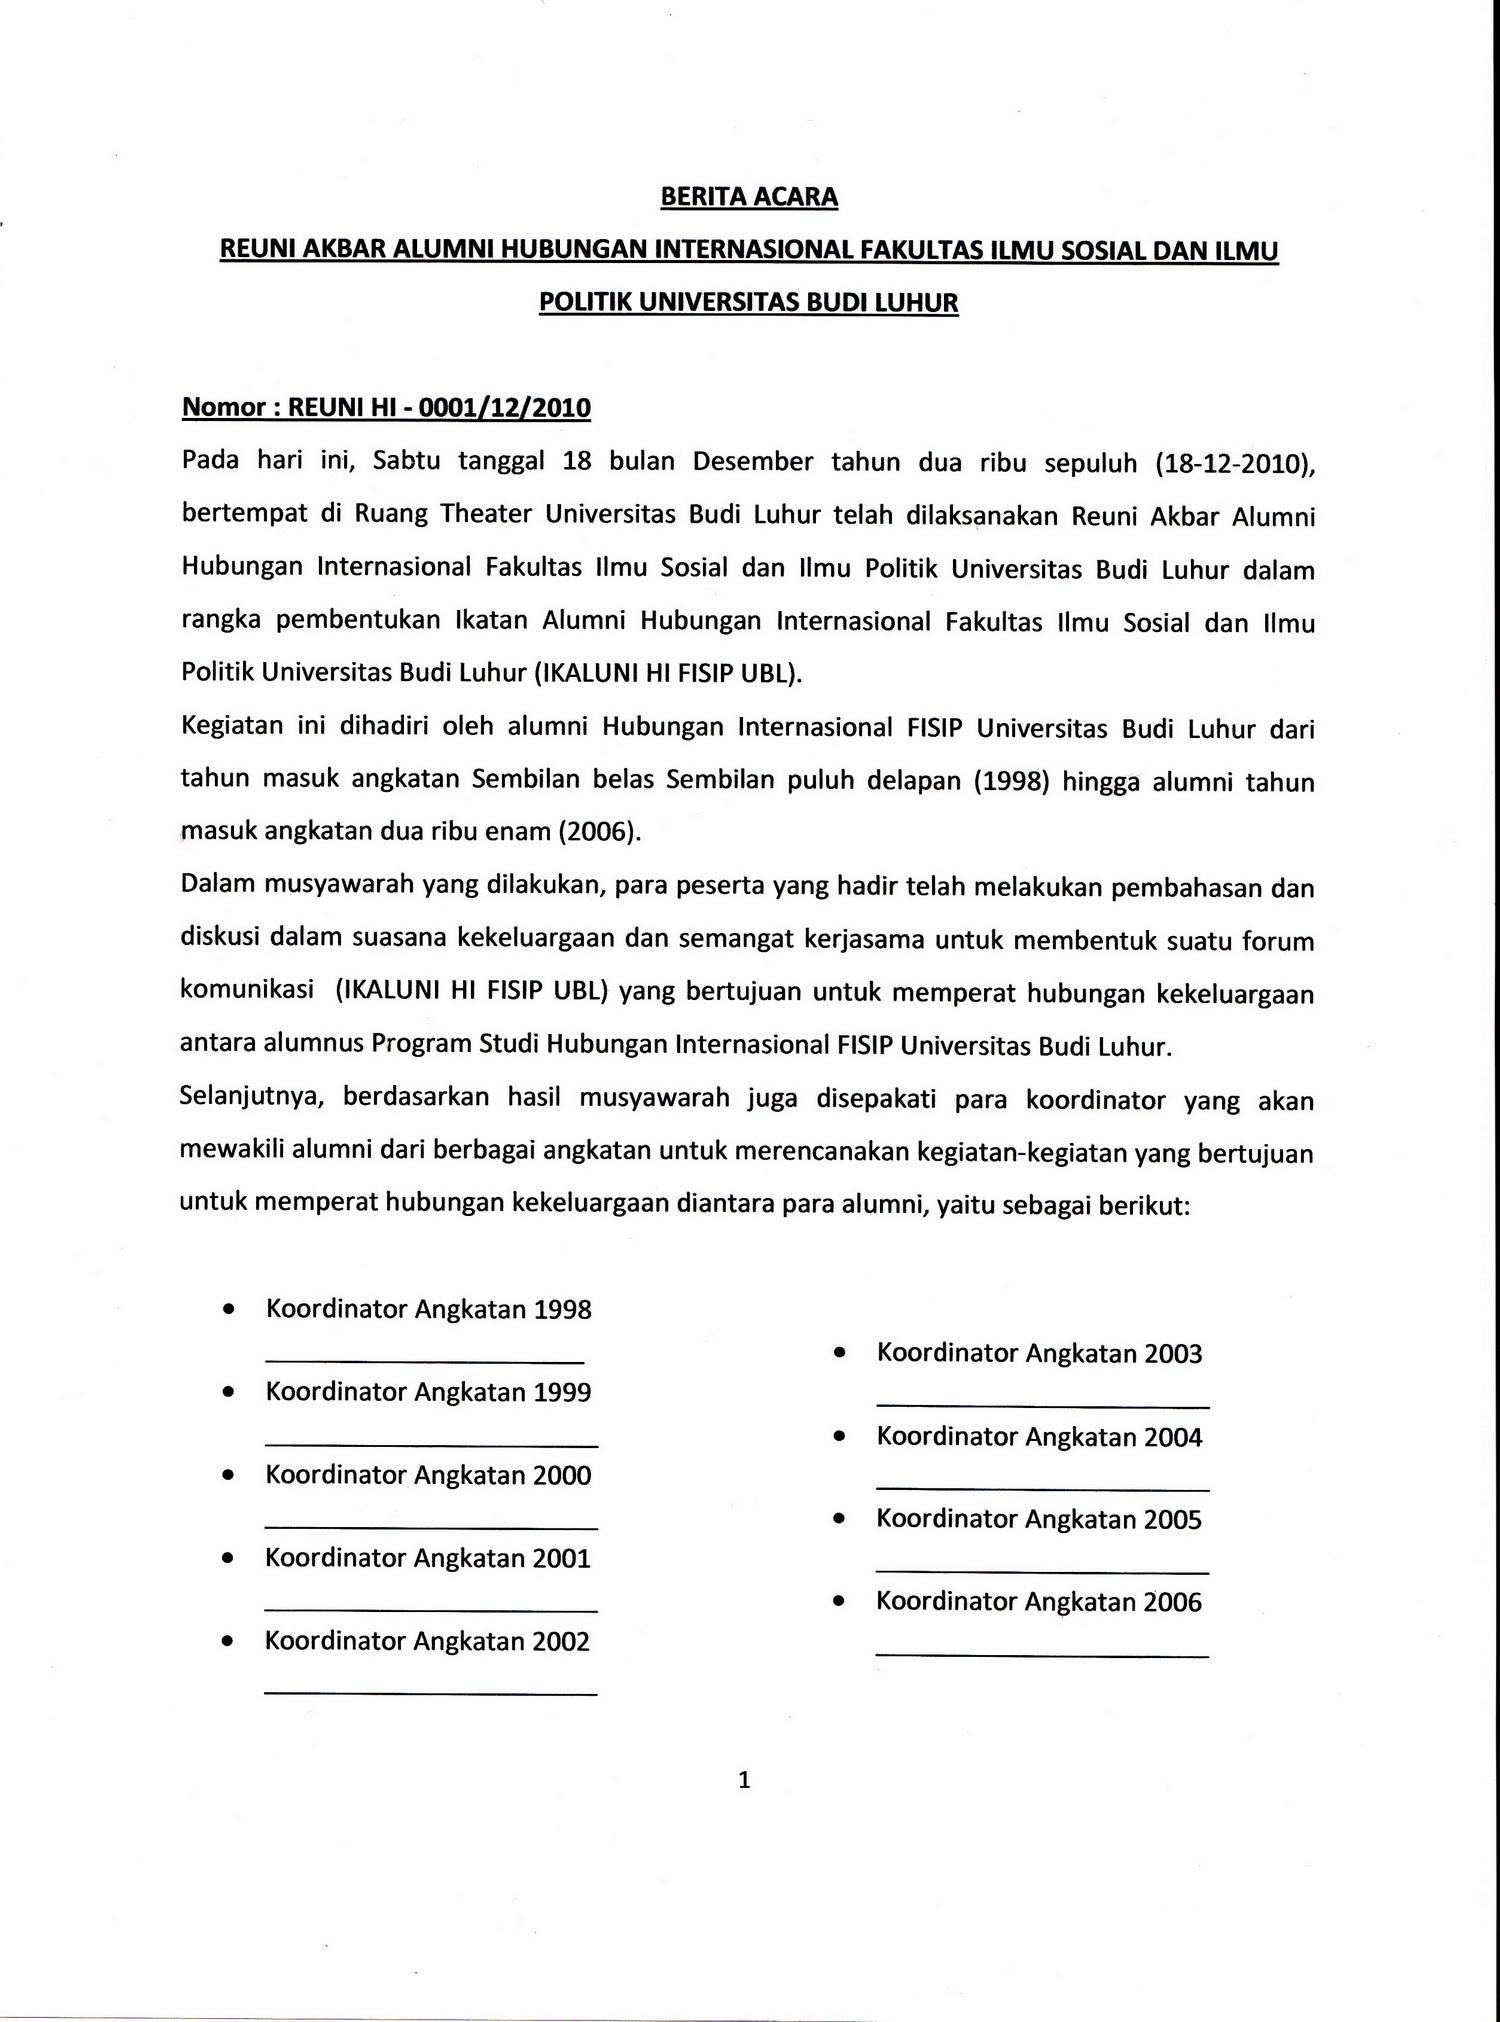 Berita Acara Reuni Akbar Alumni Hi Fisip Ubl 18182010 Fakultas